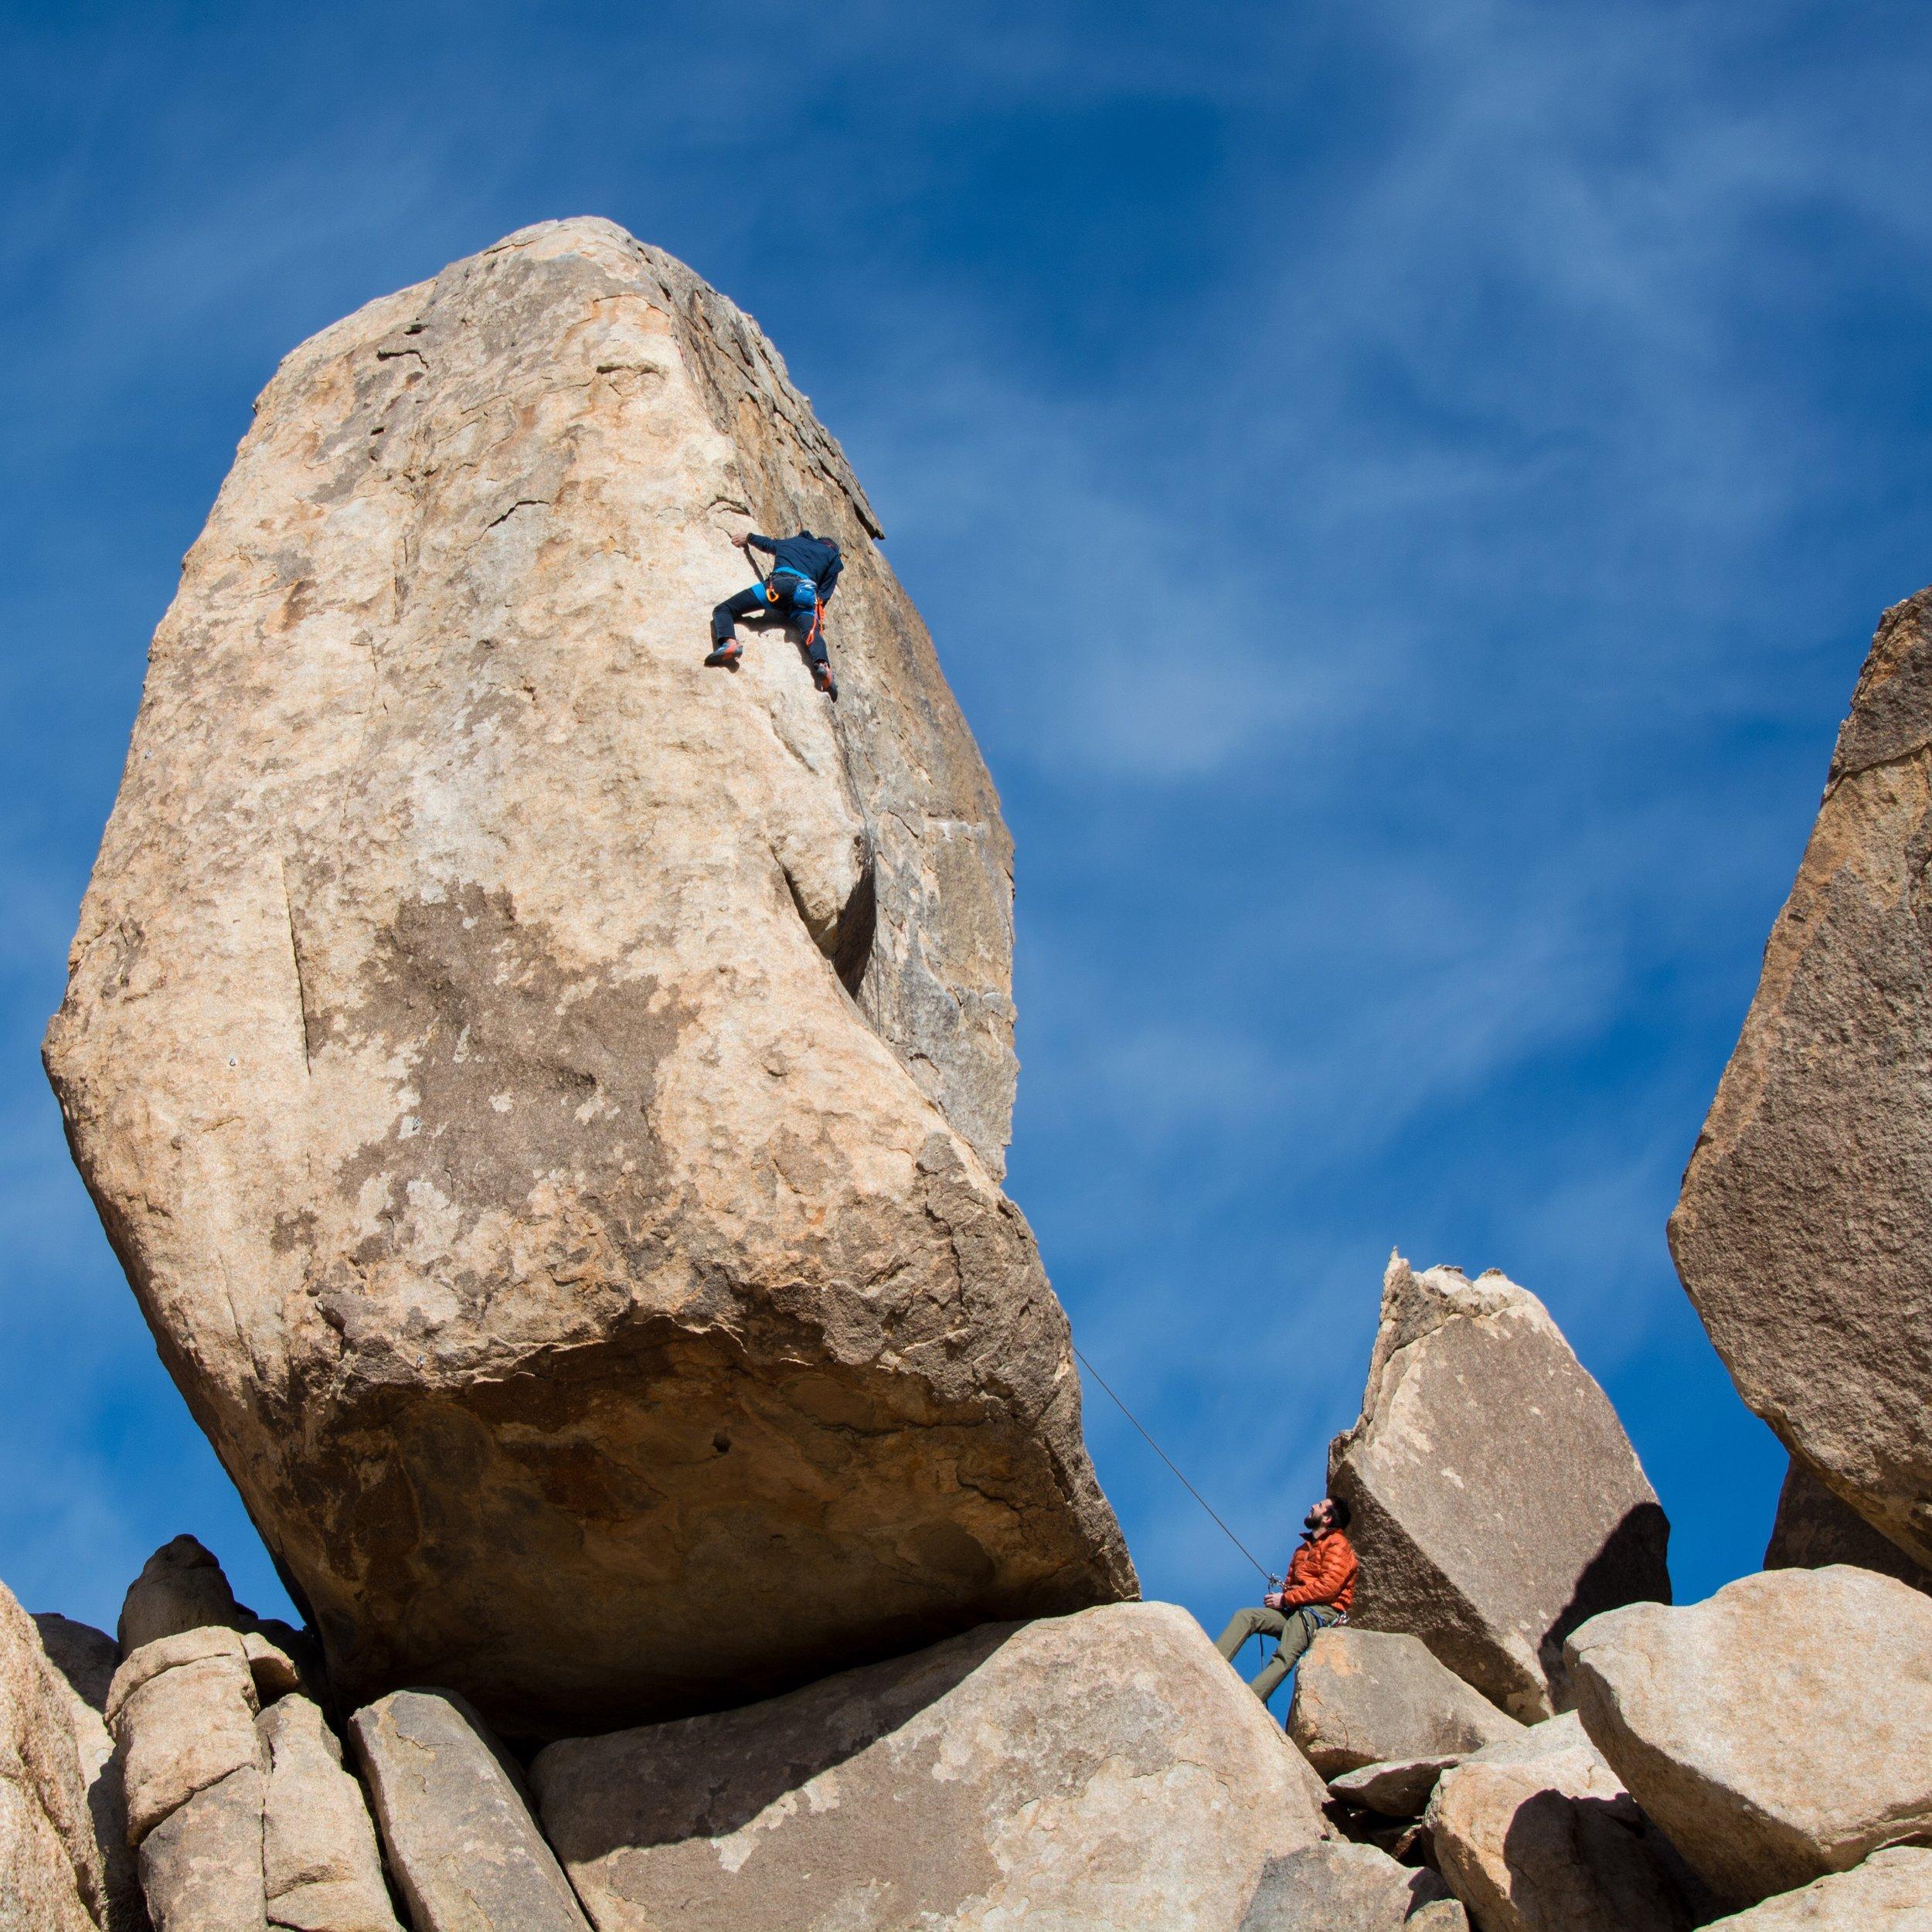 Cody climbing Headstone Rock in Joshua Tree National Park, CA. Photo courtesy of Whitney White